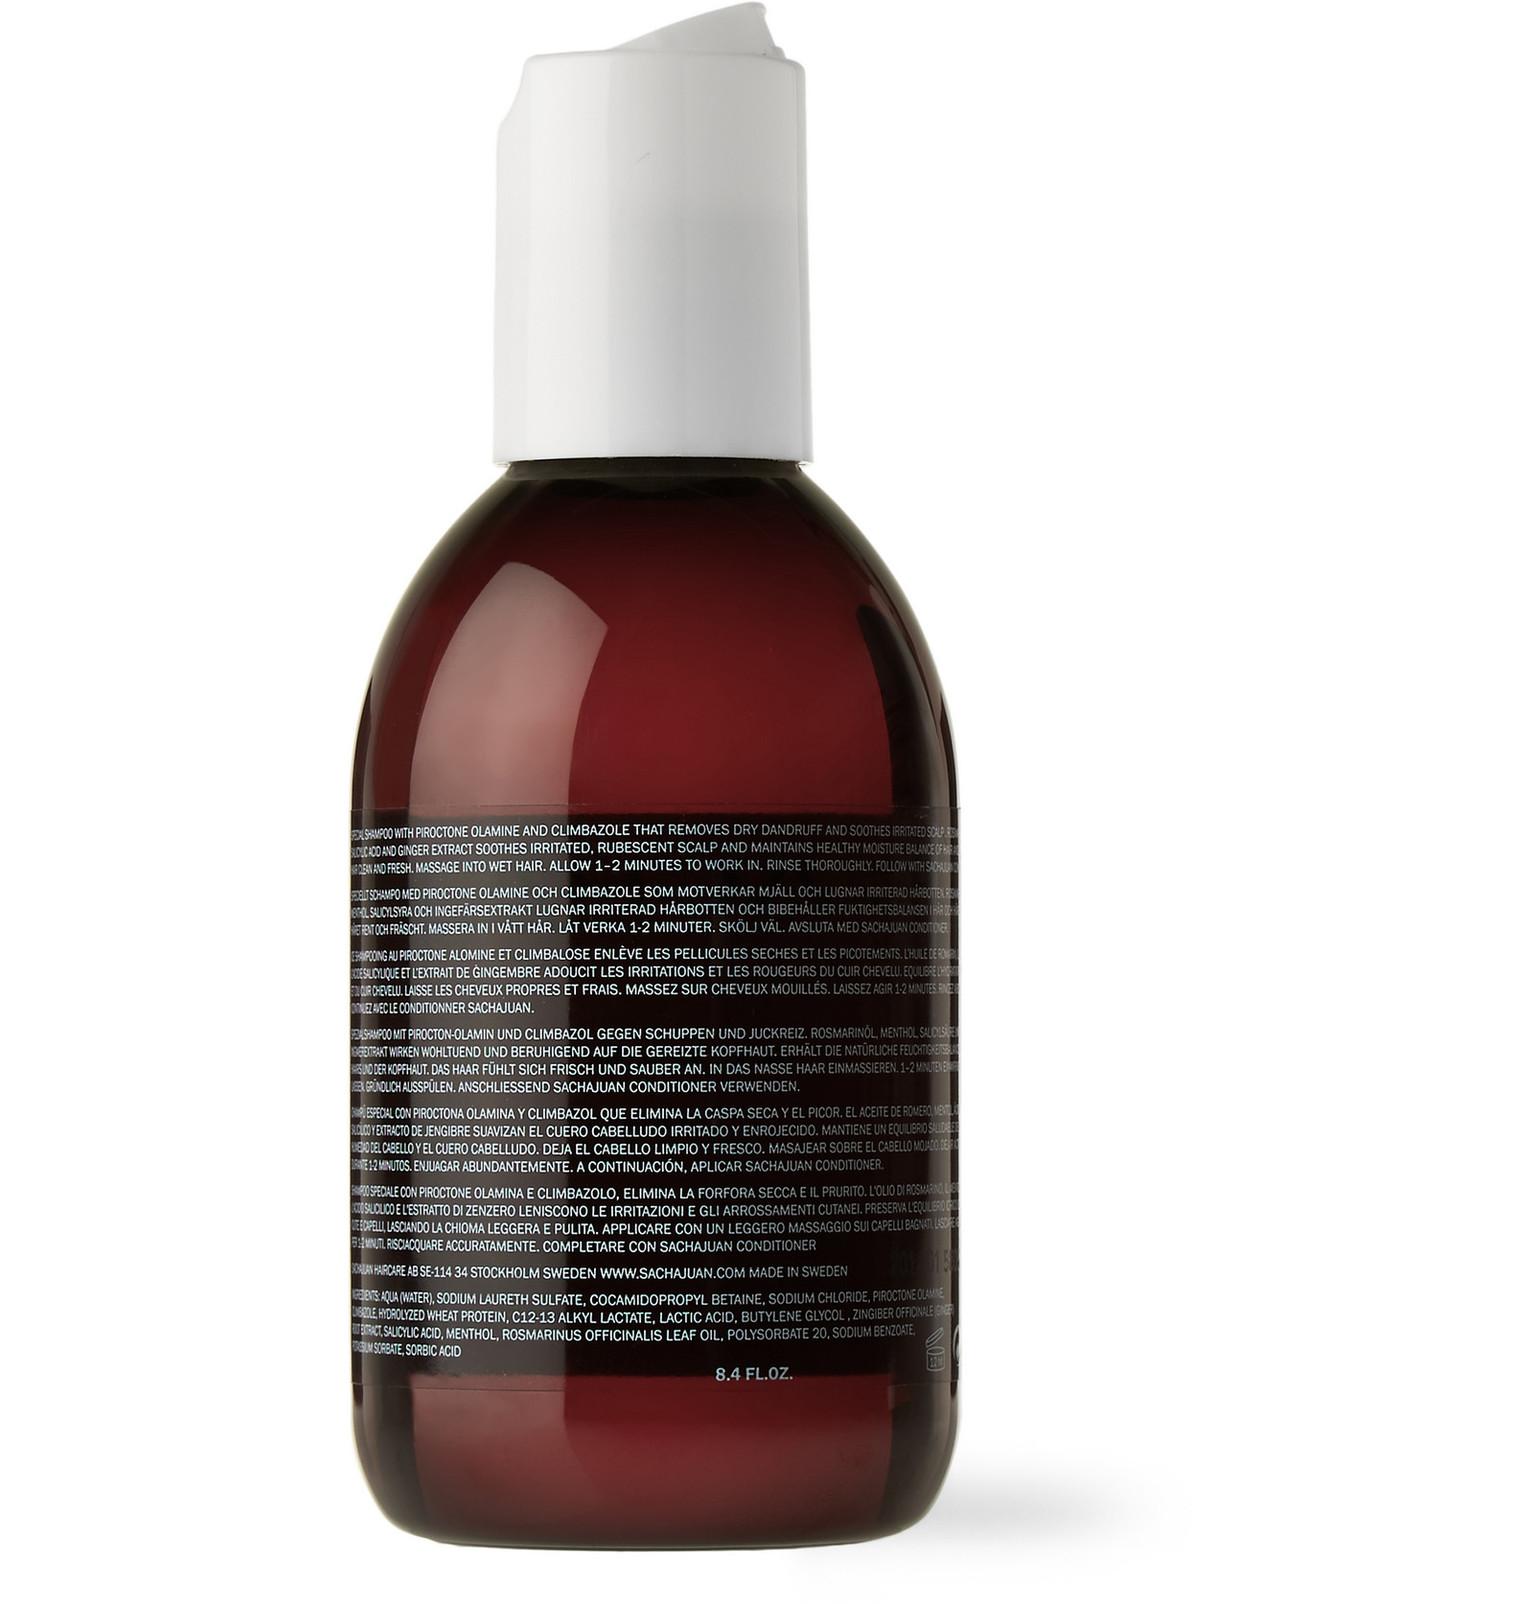 SACHAJUAN - Scalp Shampoo, 250ml